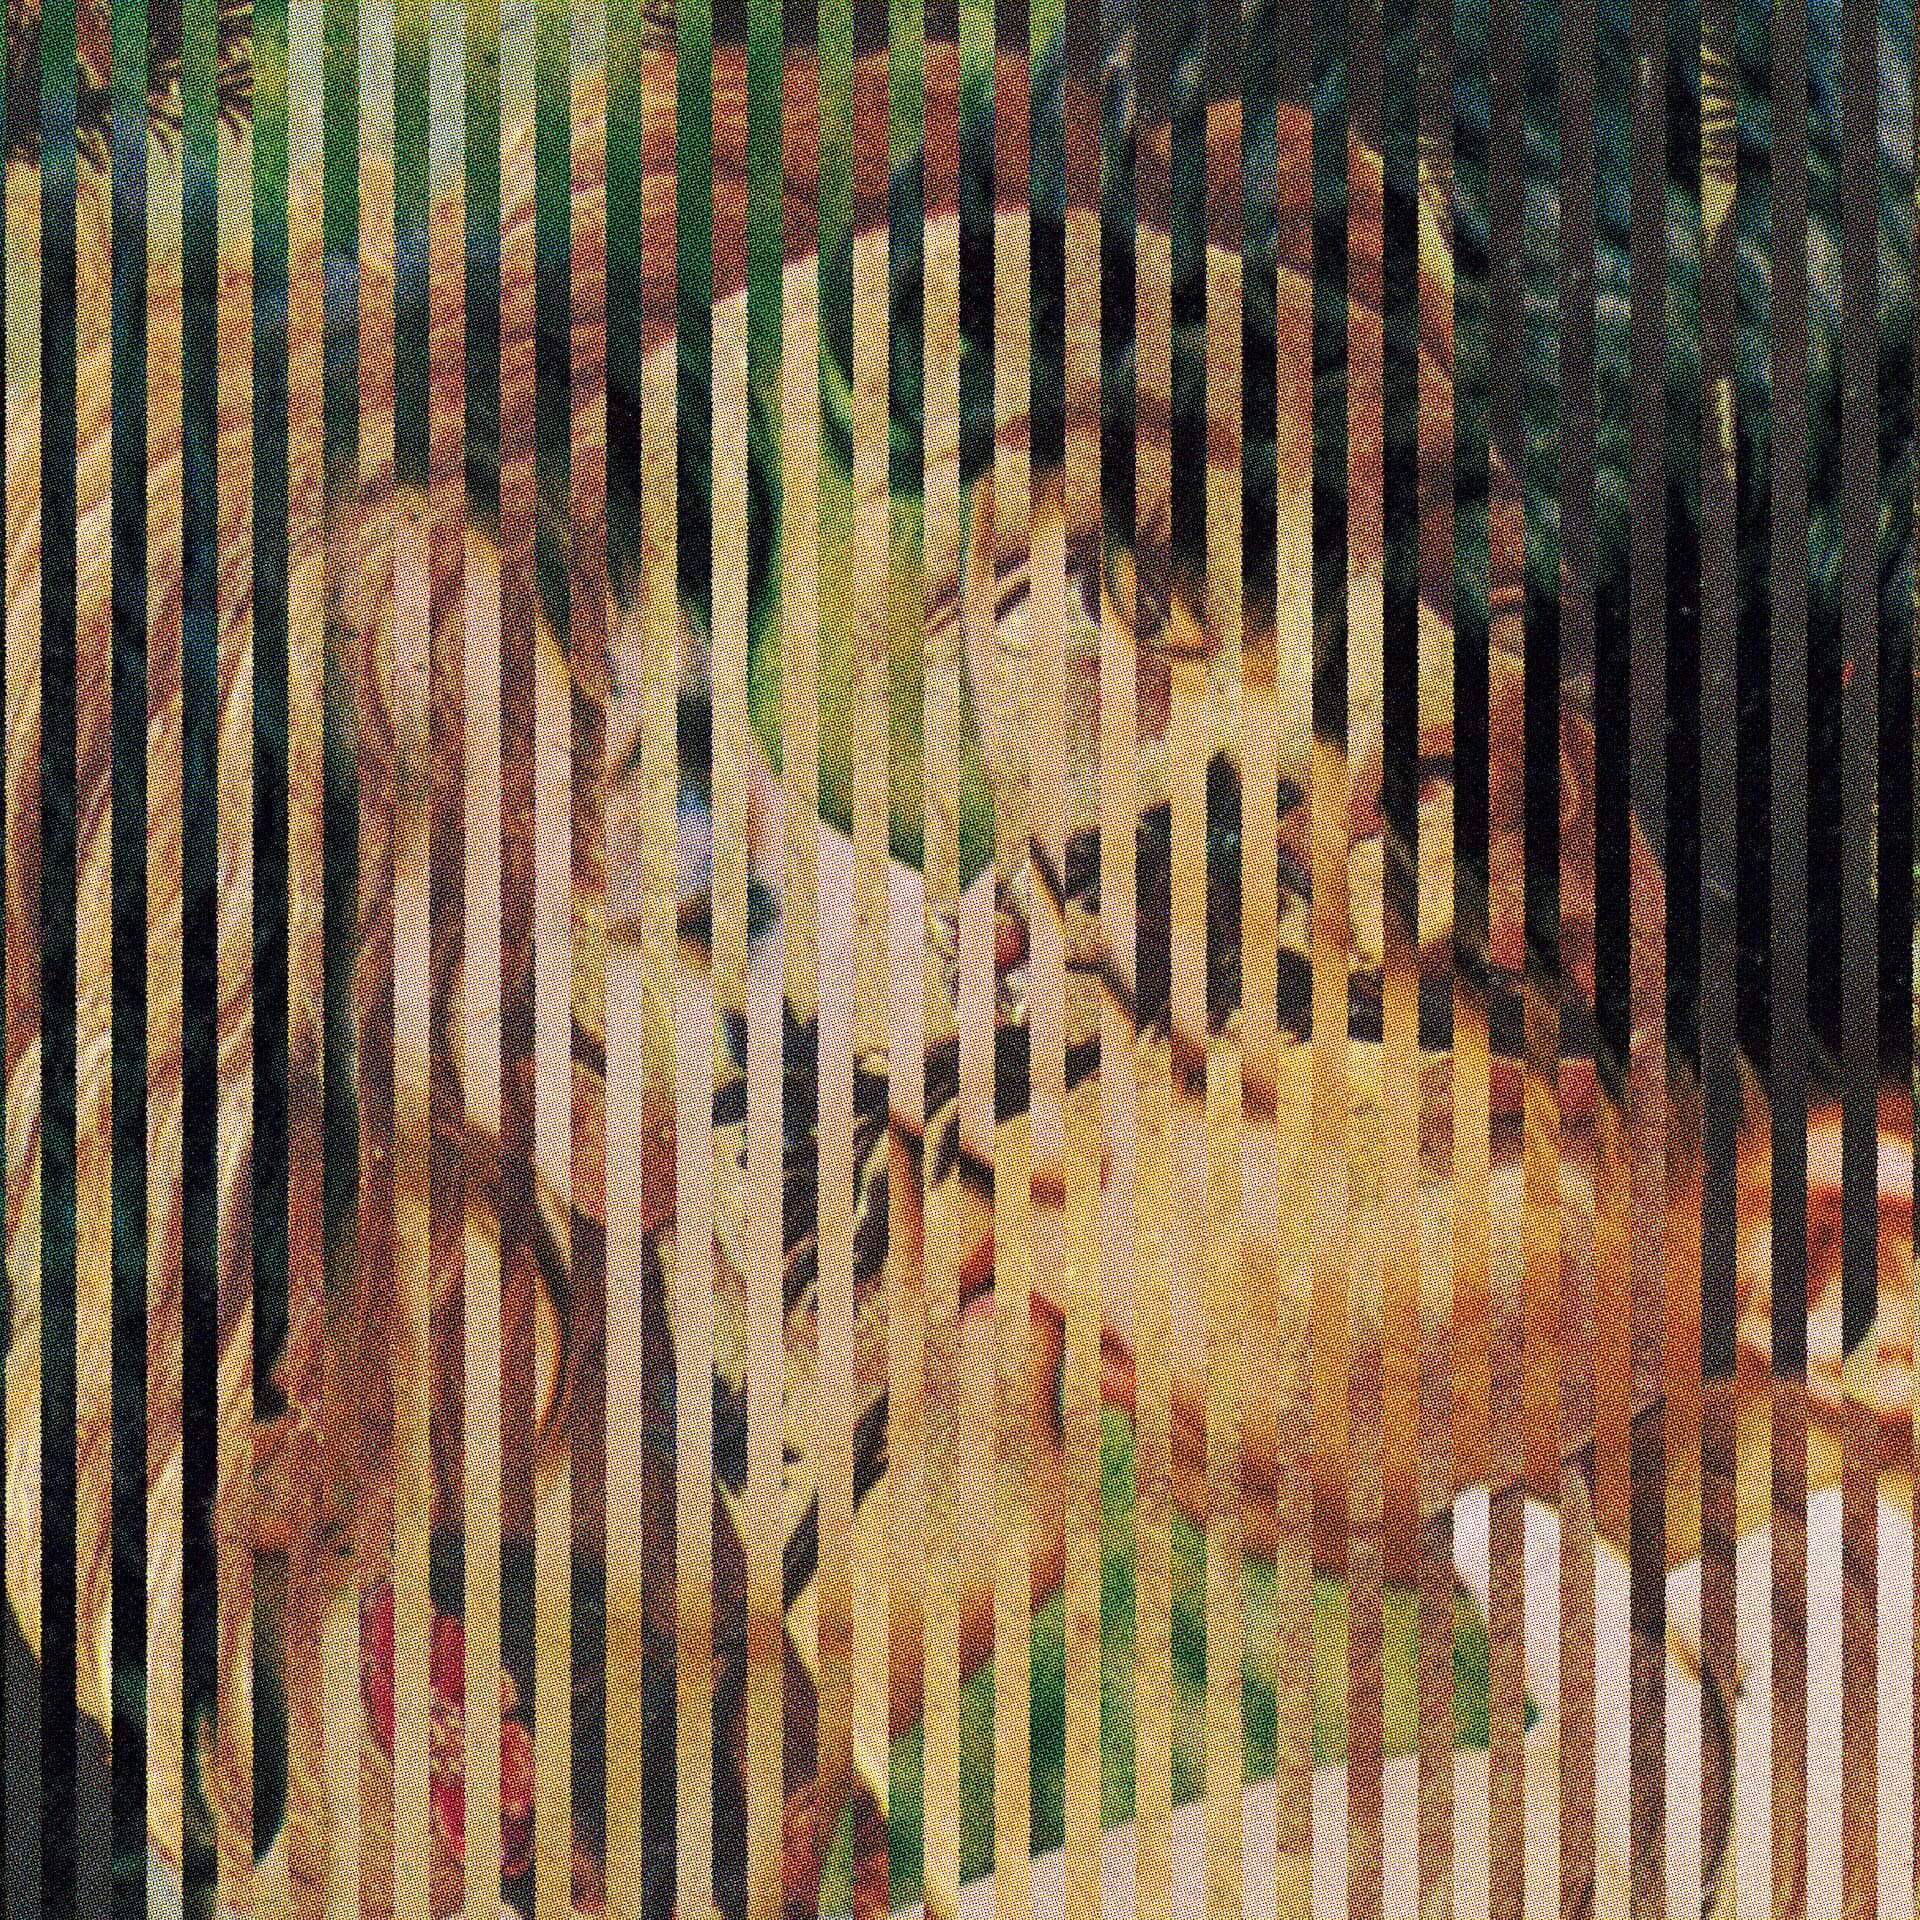 黒瀧節也による音楽と写真を組み合わせたアートヴァイナルやNFT作品のエキシビジョン<ALTER EGO>が原宿 THE PLUGにて開催! art210604_alterego_4